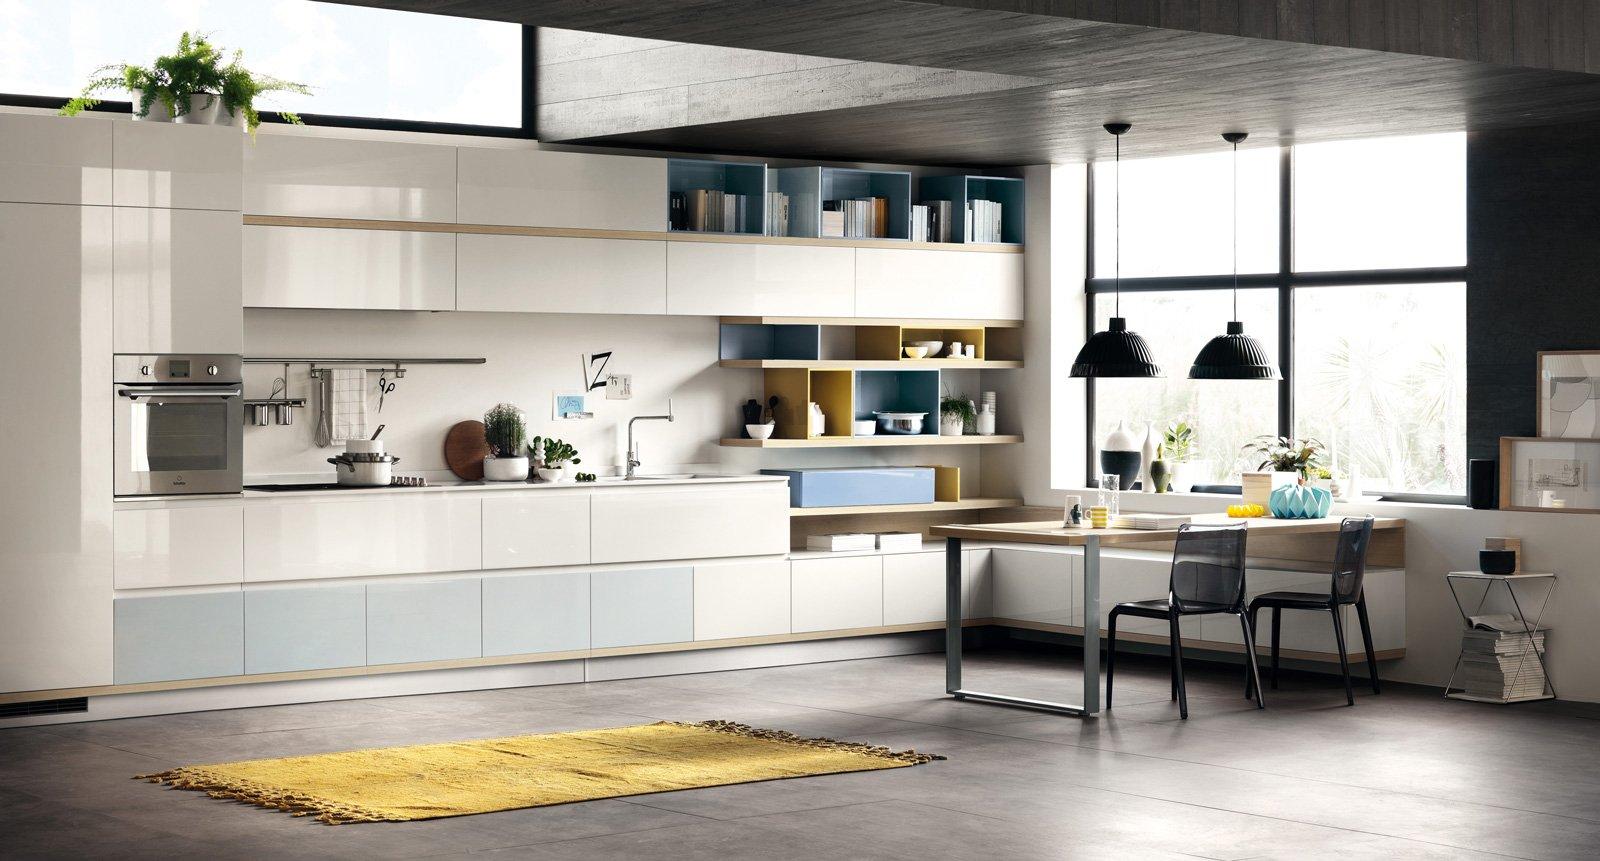 Cucine in colori ed essenze soft cose di casa - Top cucina scavolini colori ...